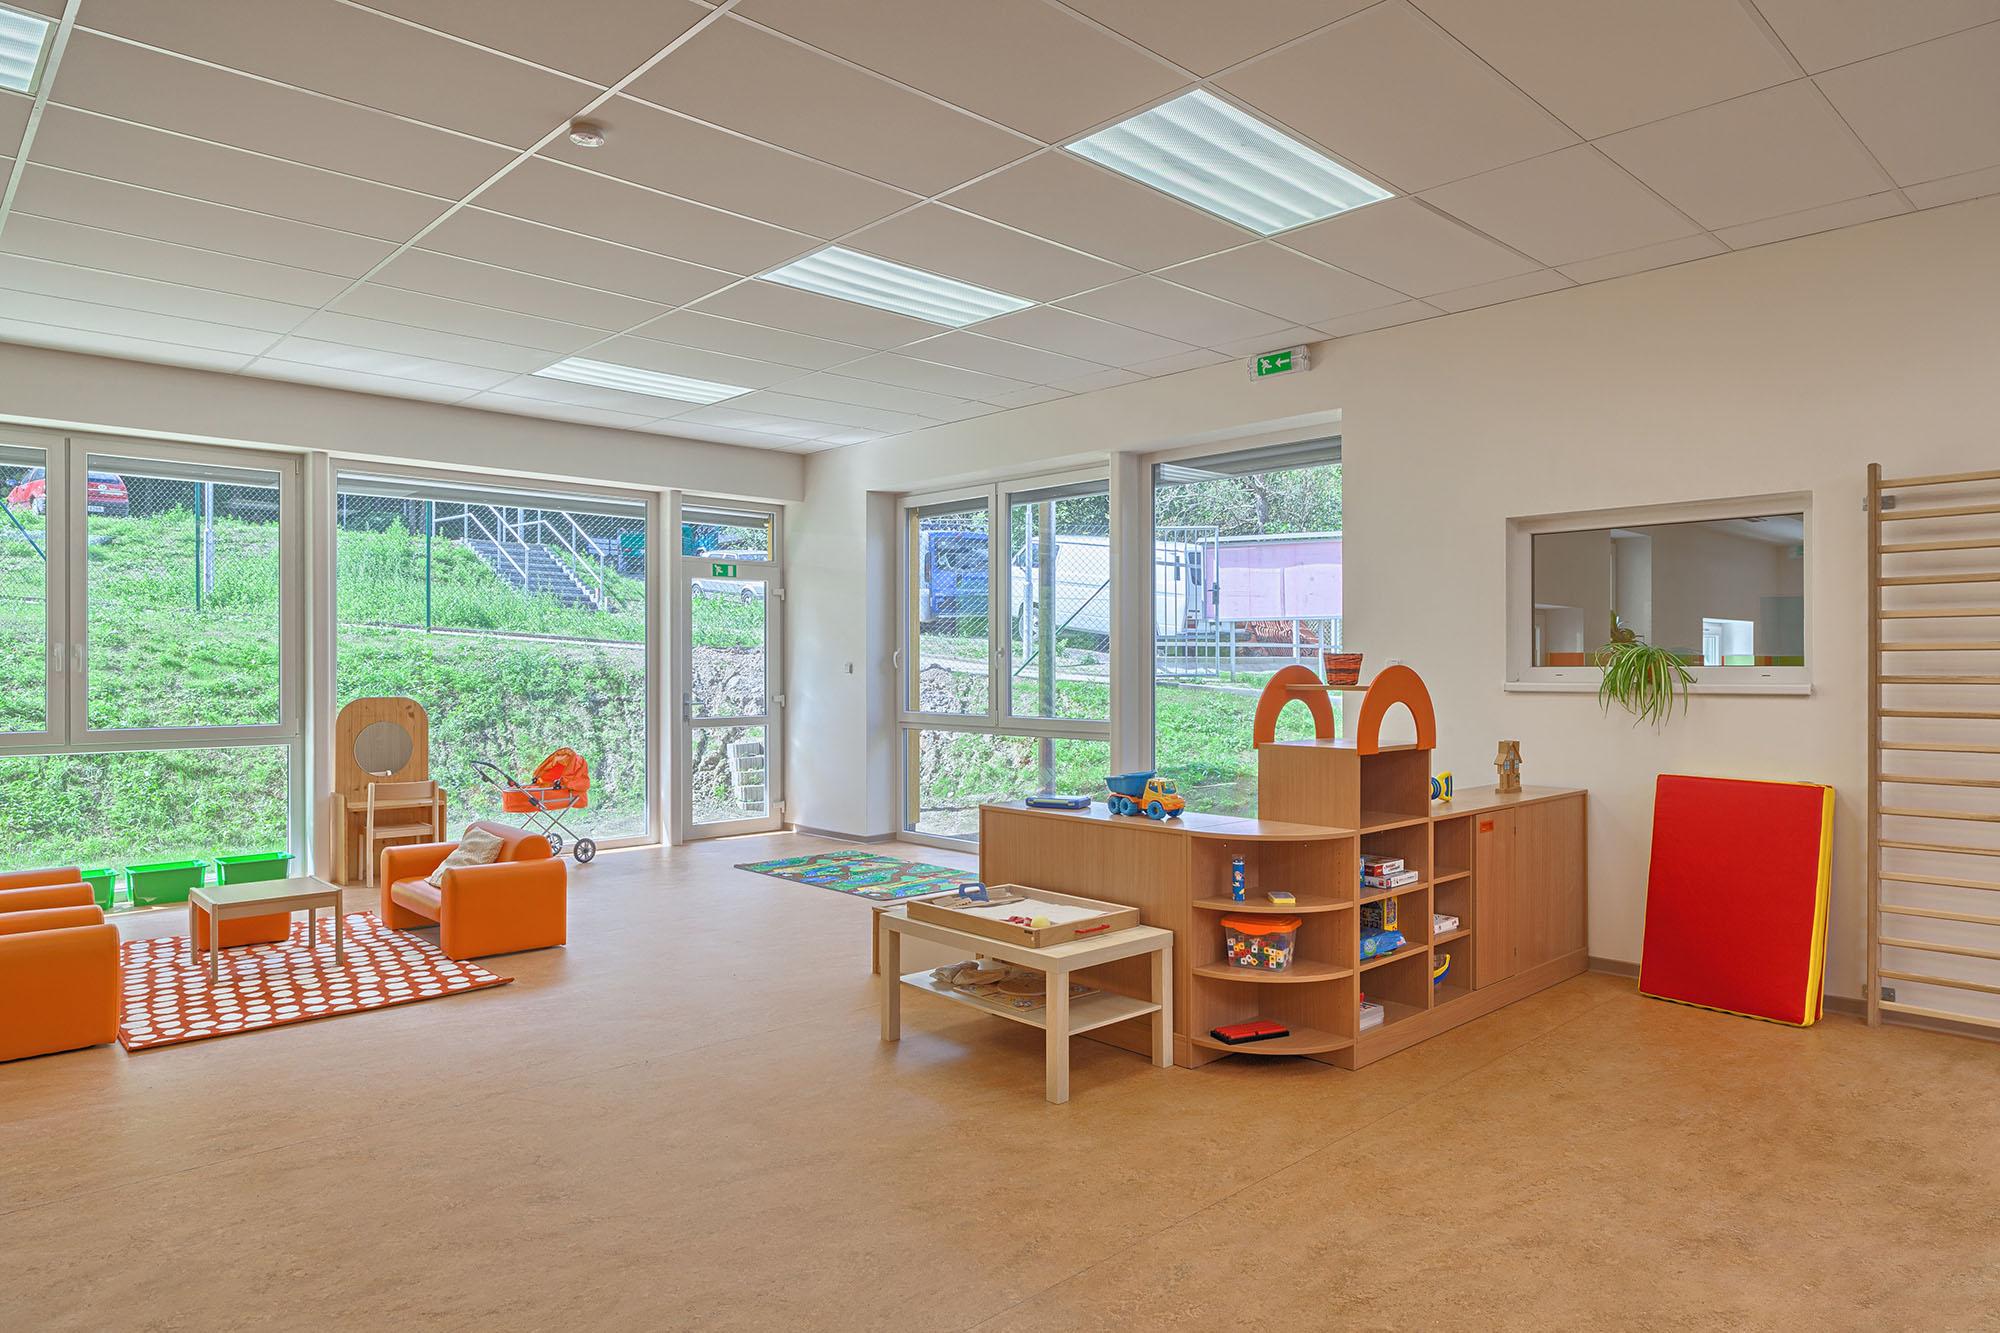 Nábytek a herní prvky pro mateřské školy, s důrazem na bezpečnost